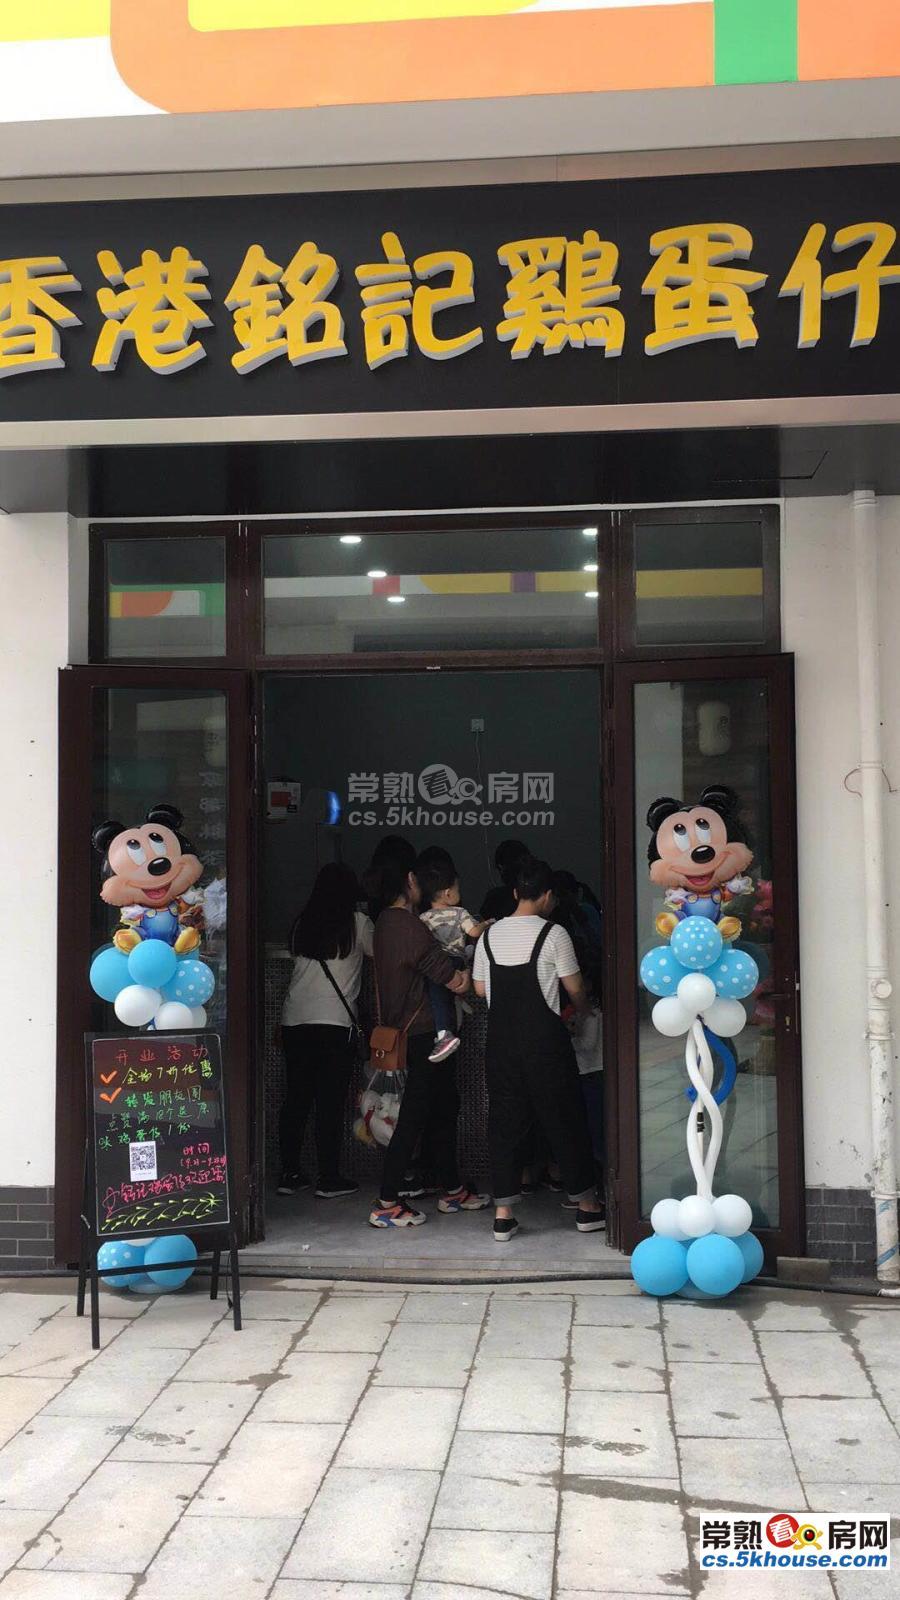 江南印象旺铺 原先做香港铭记鸡蛋仔 因个人另有发展 现忍痛转让 价格面议